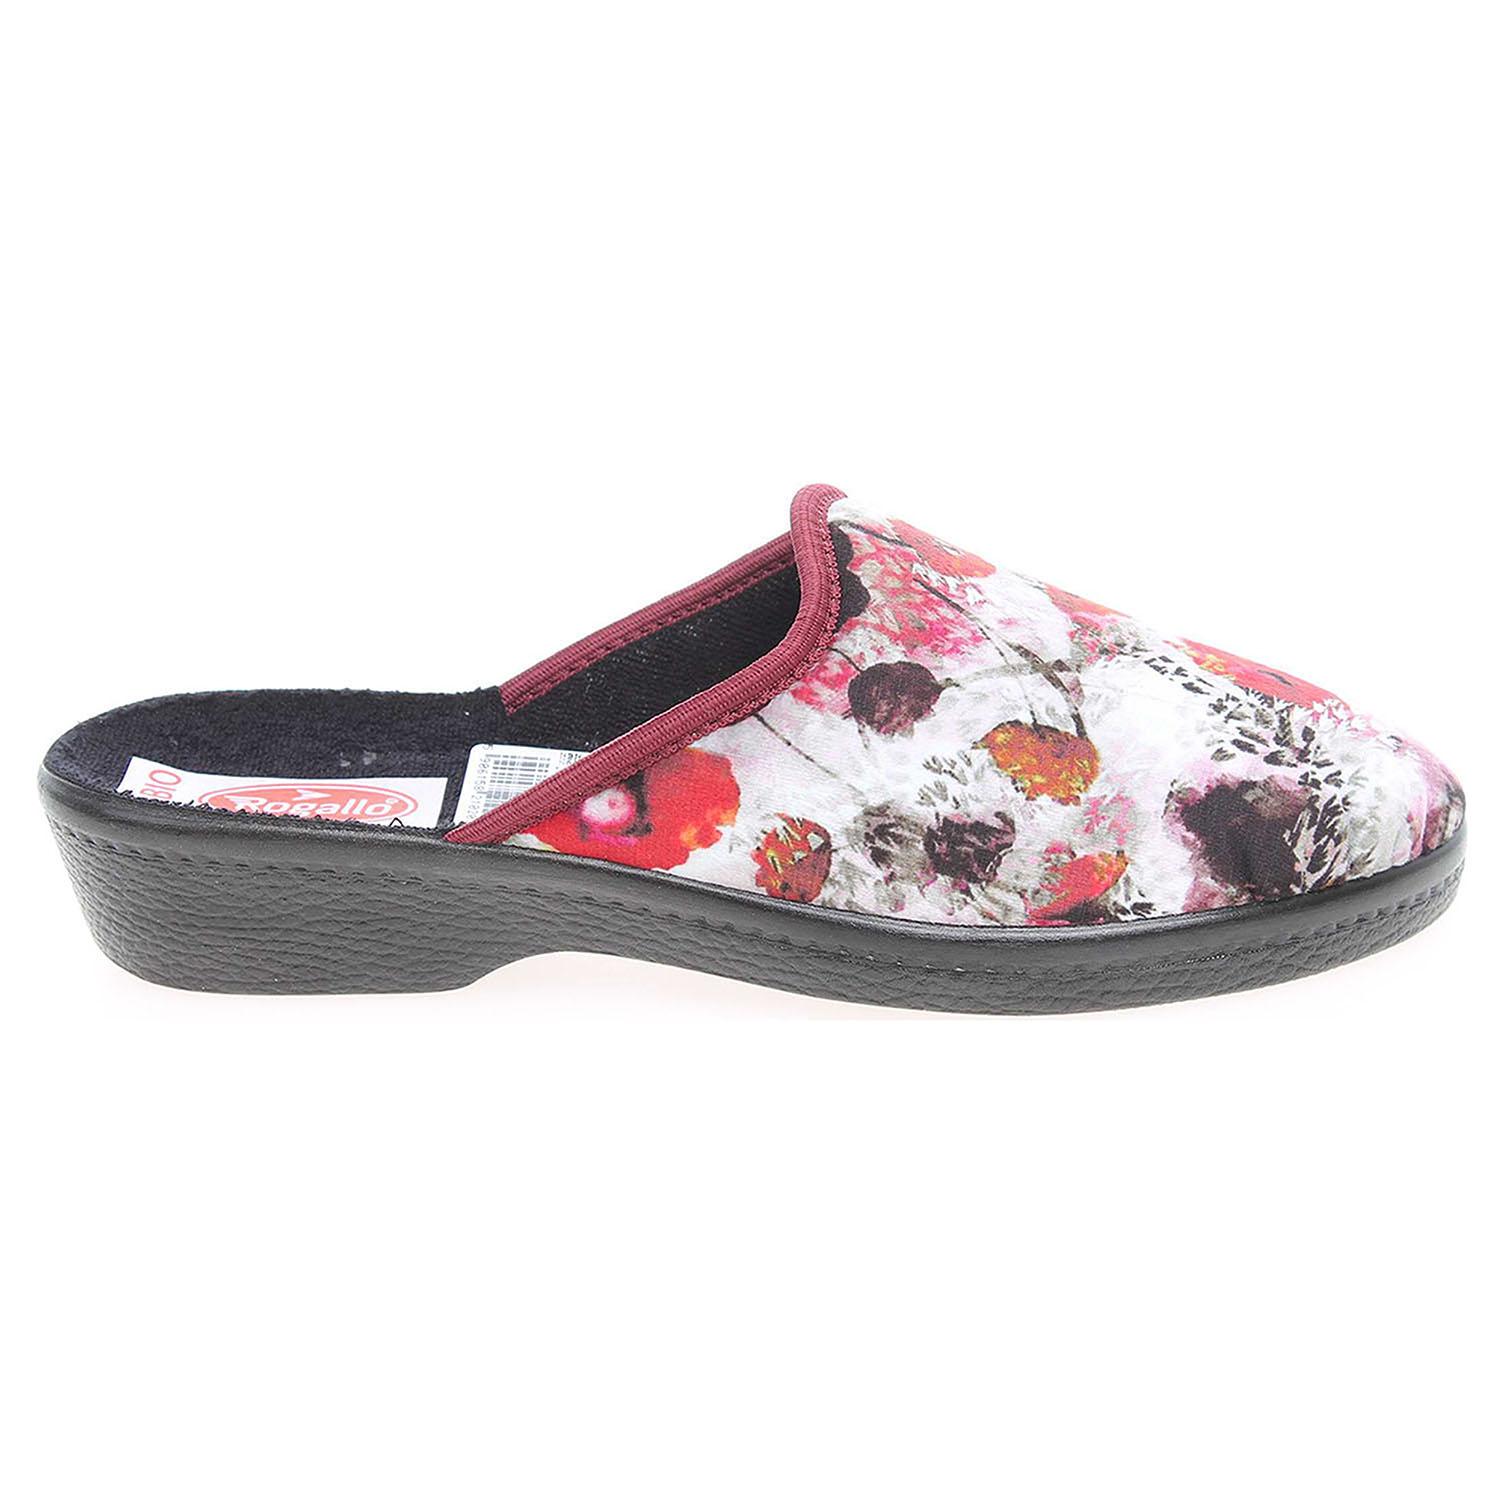 Rogallo dámské pantofle 21020 multicolor 41